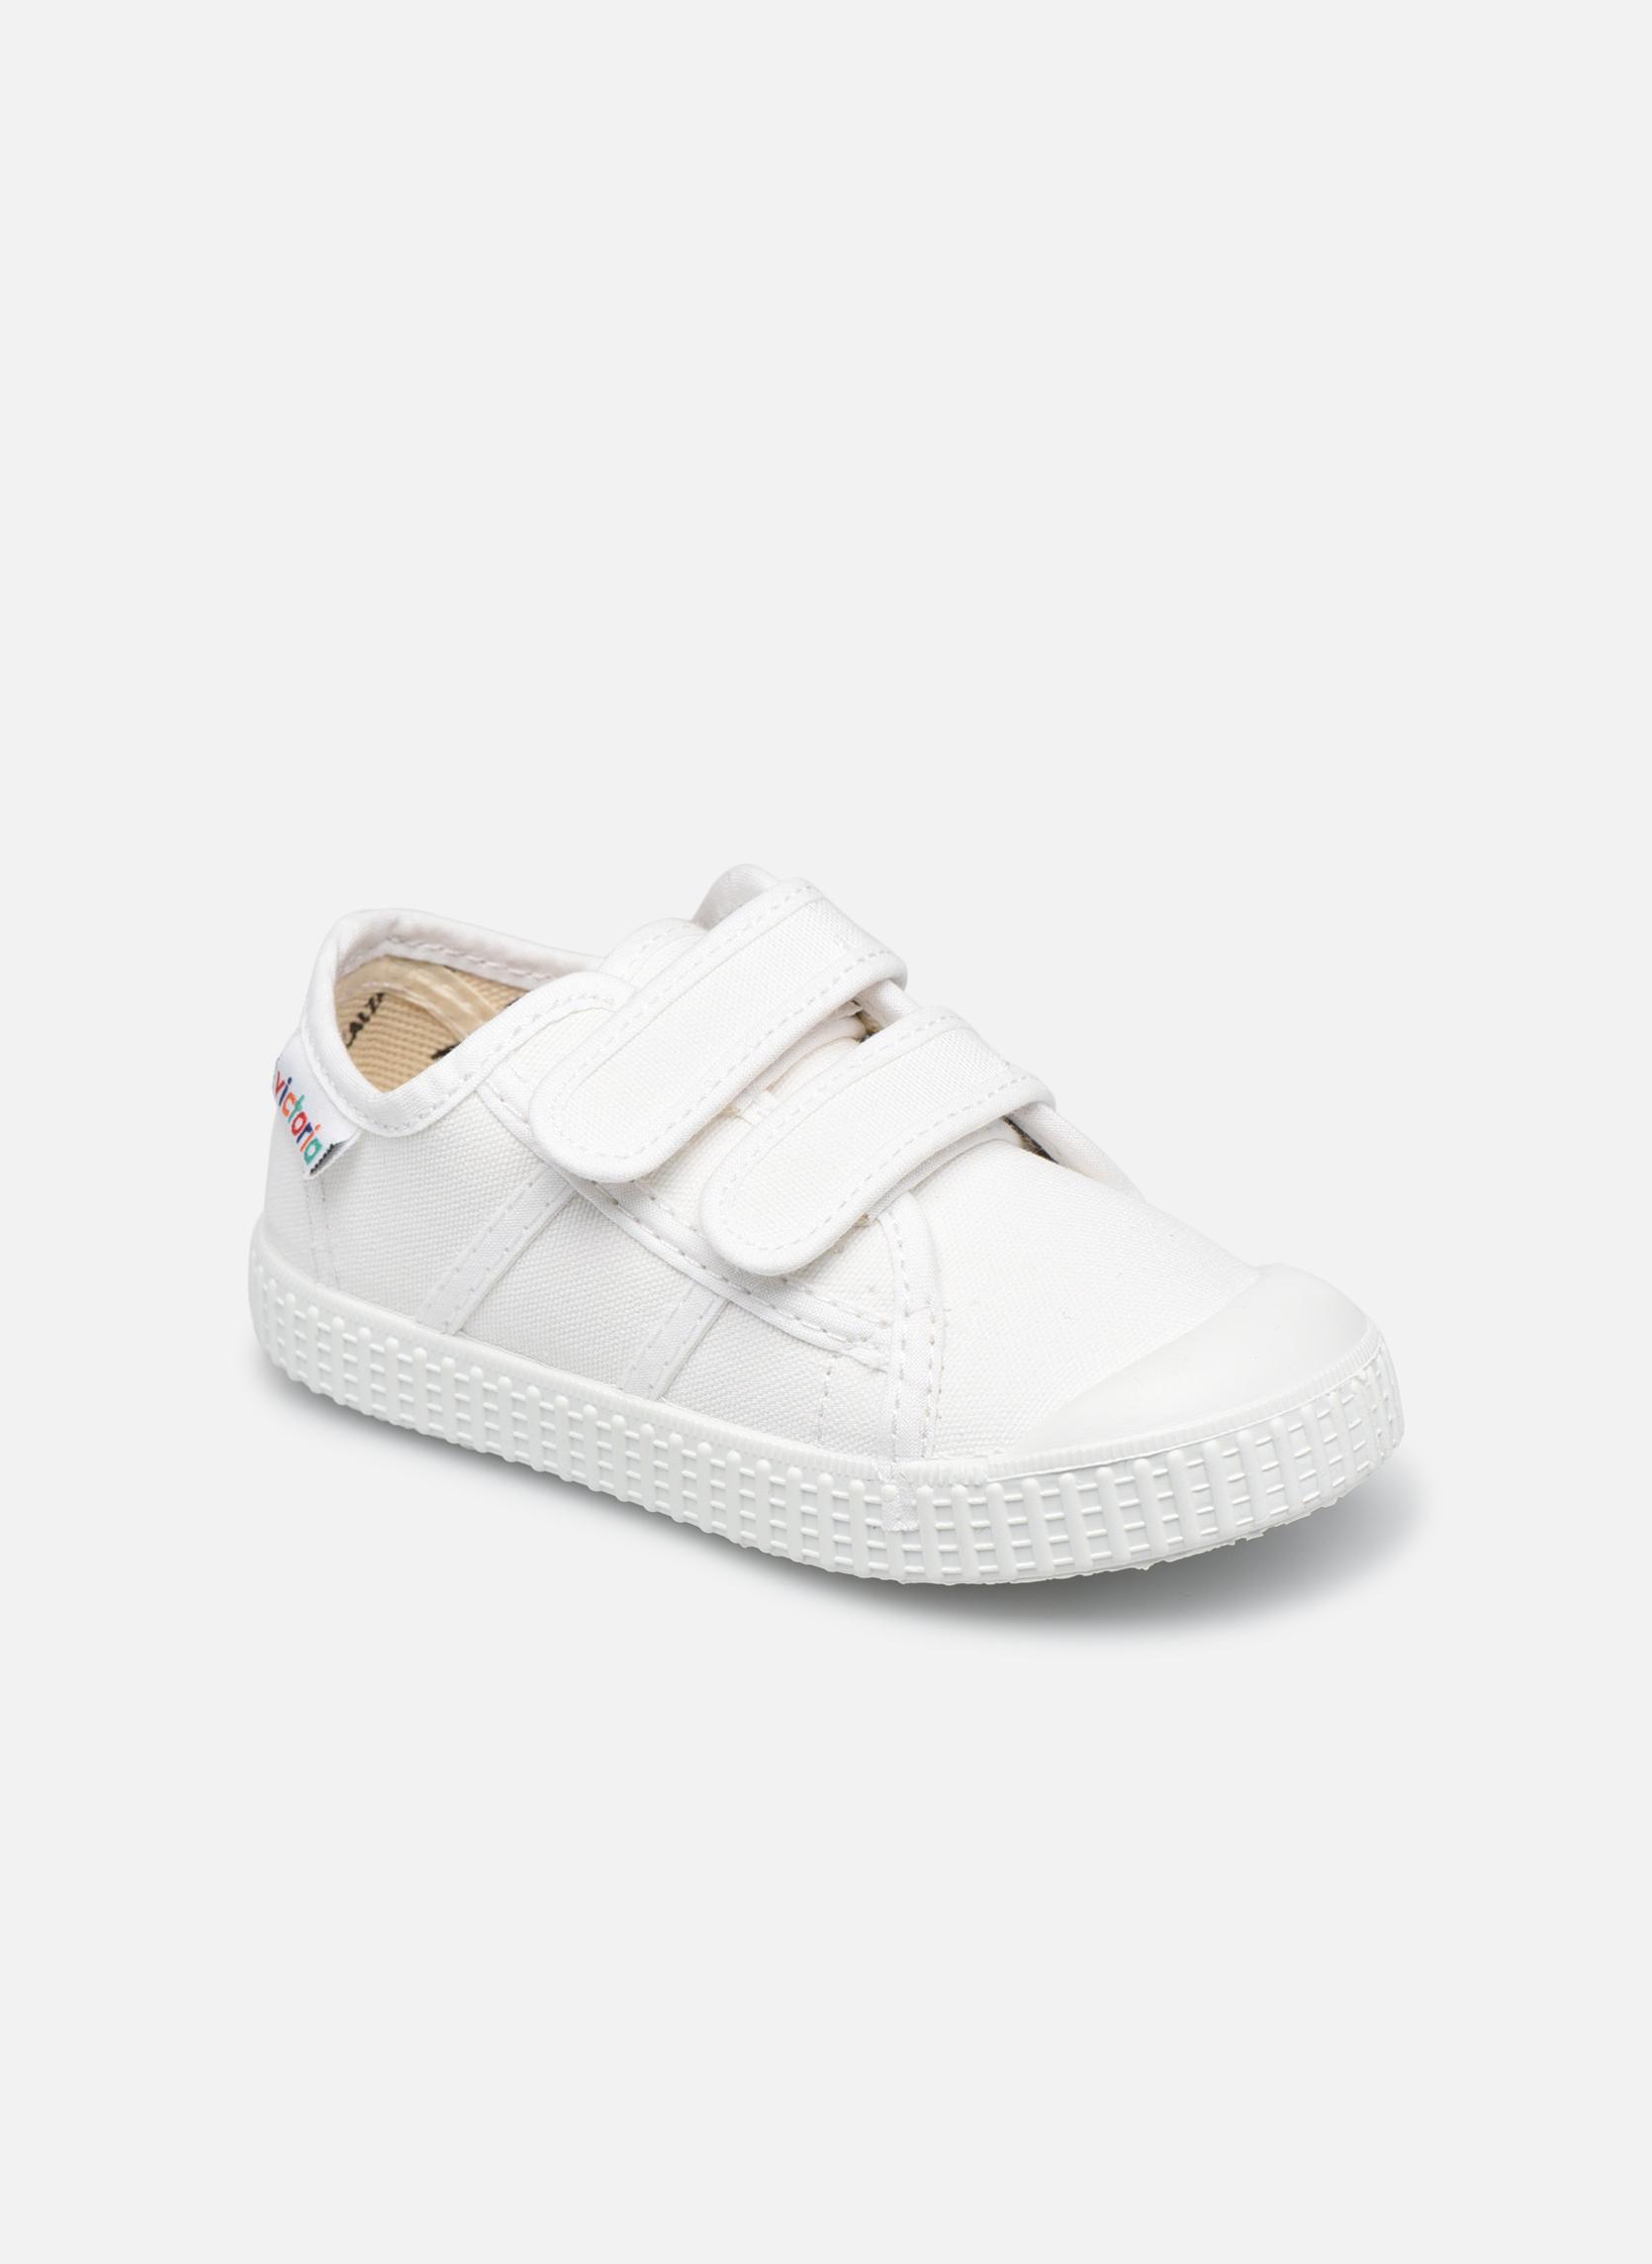 Sneaker Kinder Basket lona Dos Velcos